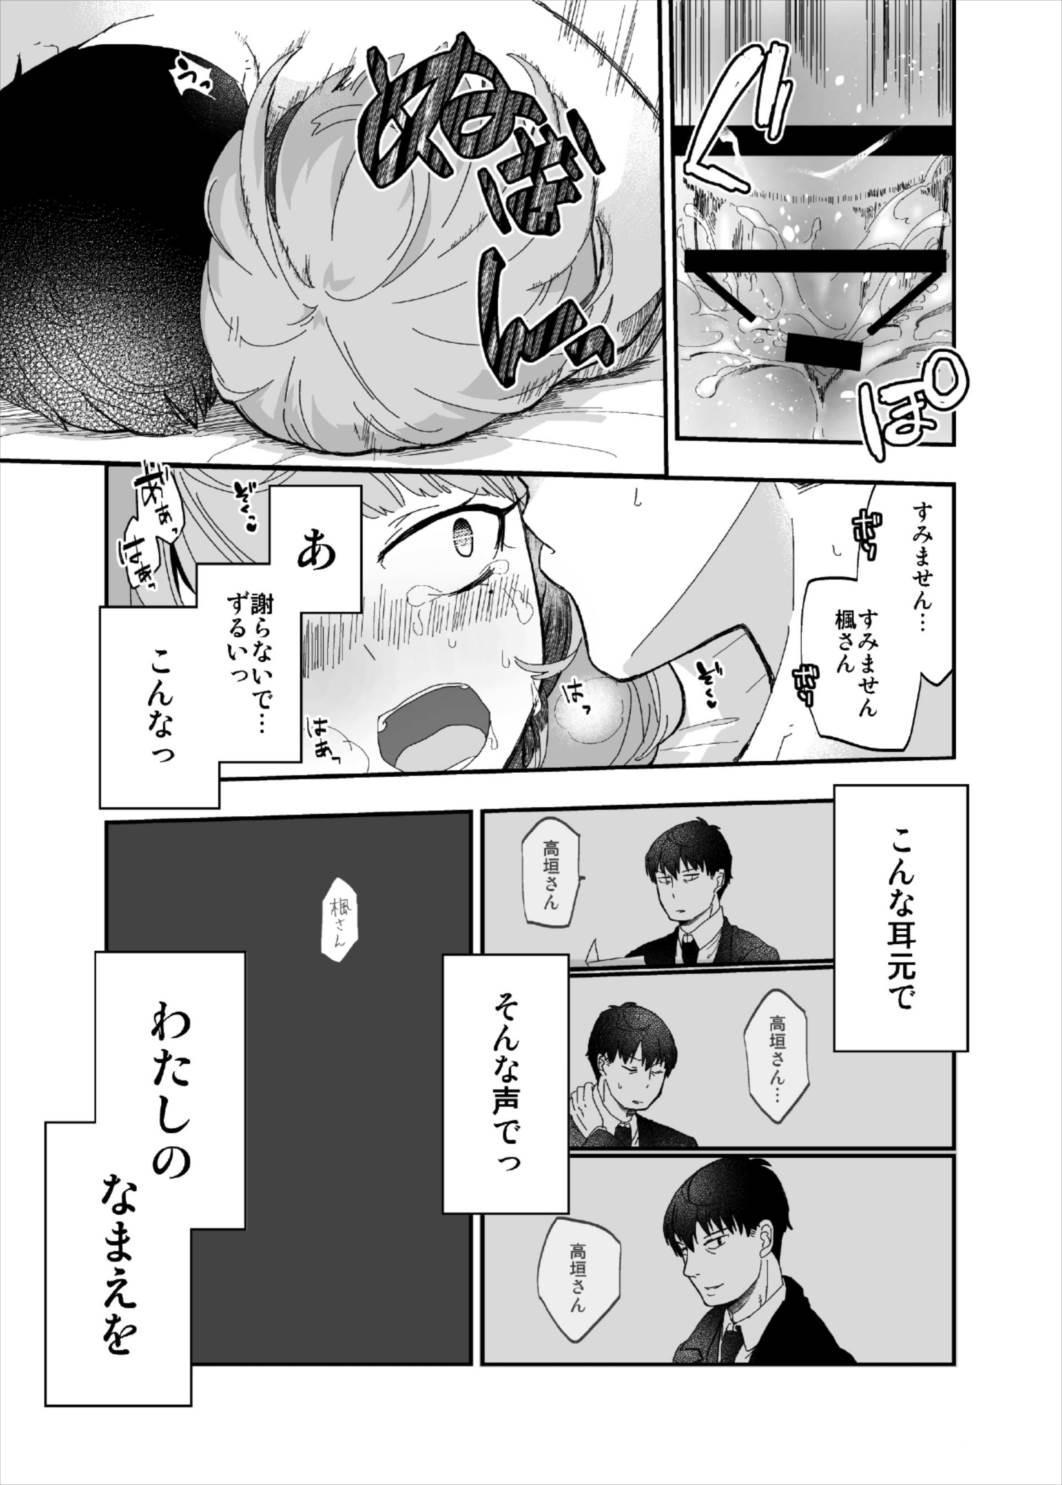 Takeuchi P to Takagaki Kaede-san ga Hatsu H de Mechakucha Ichaicha Suru Hon 17